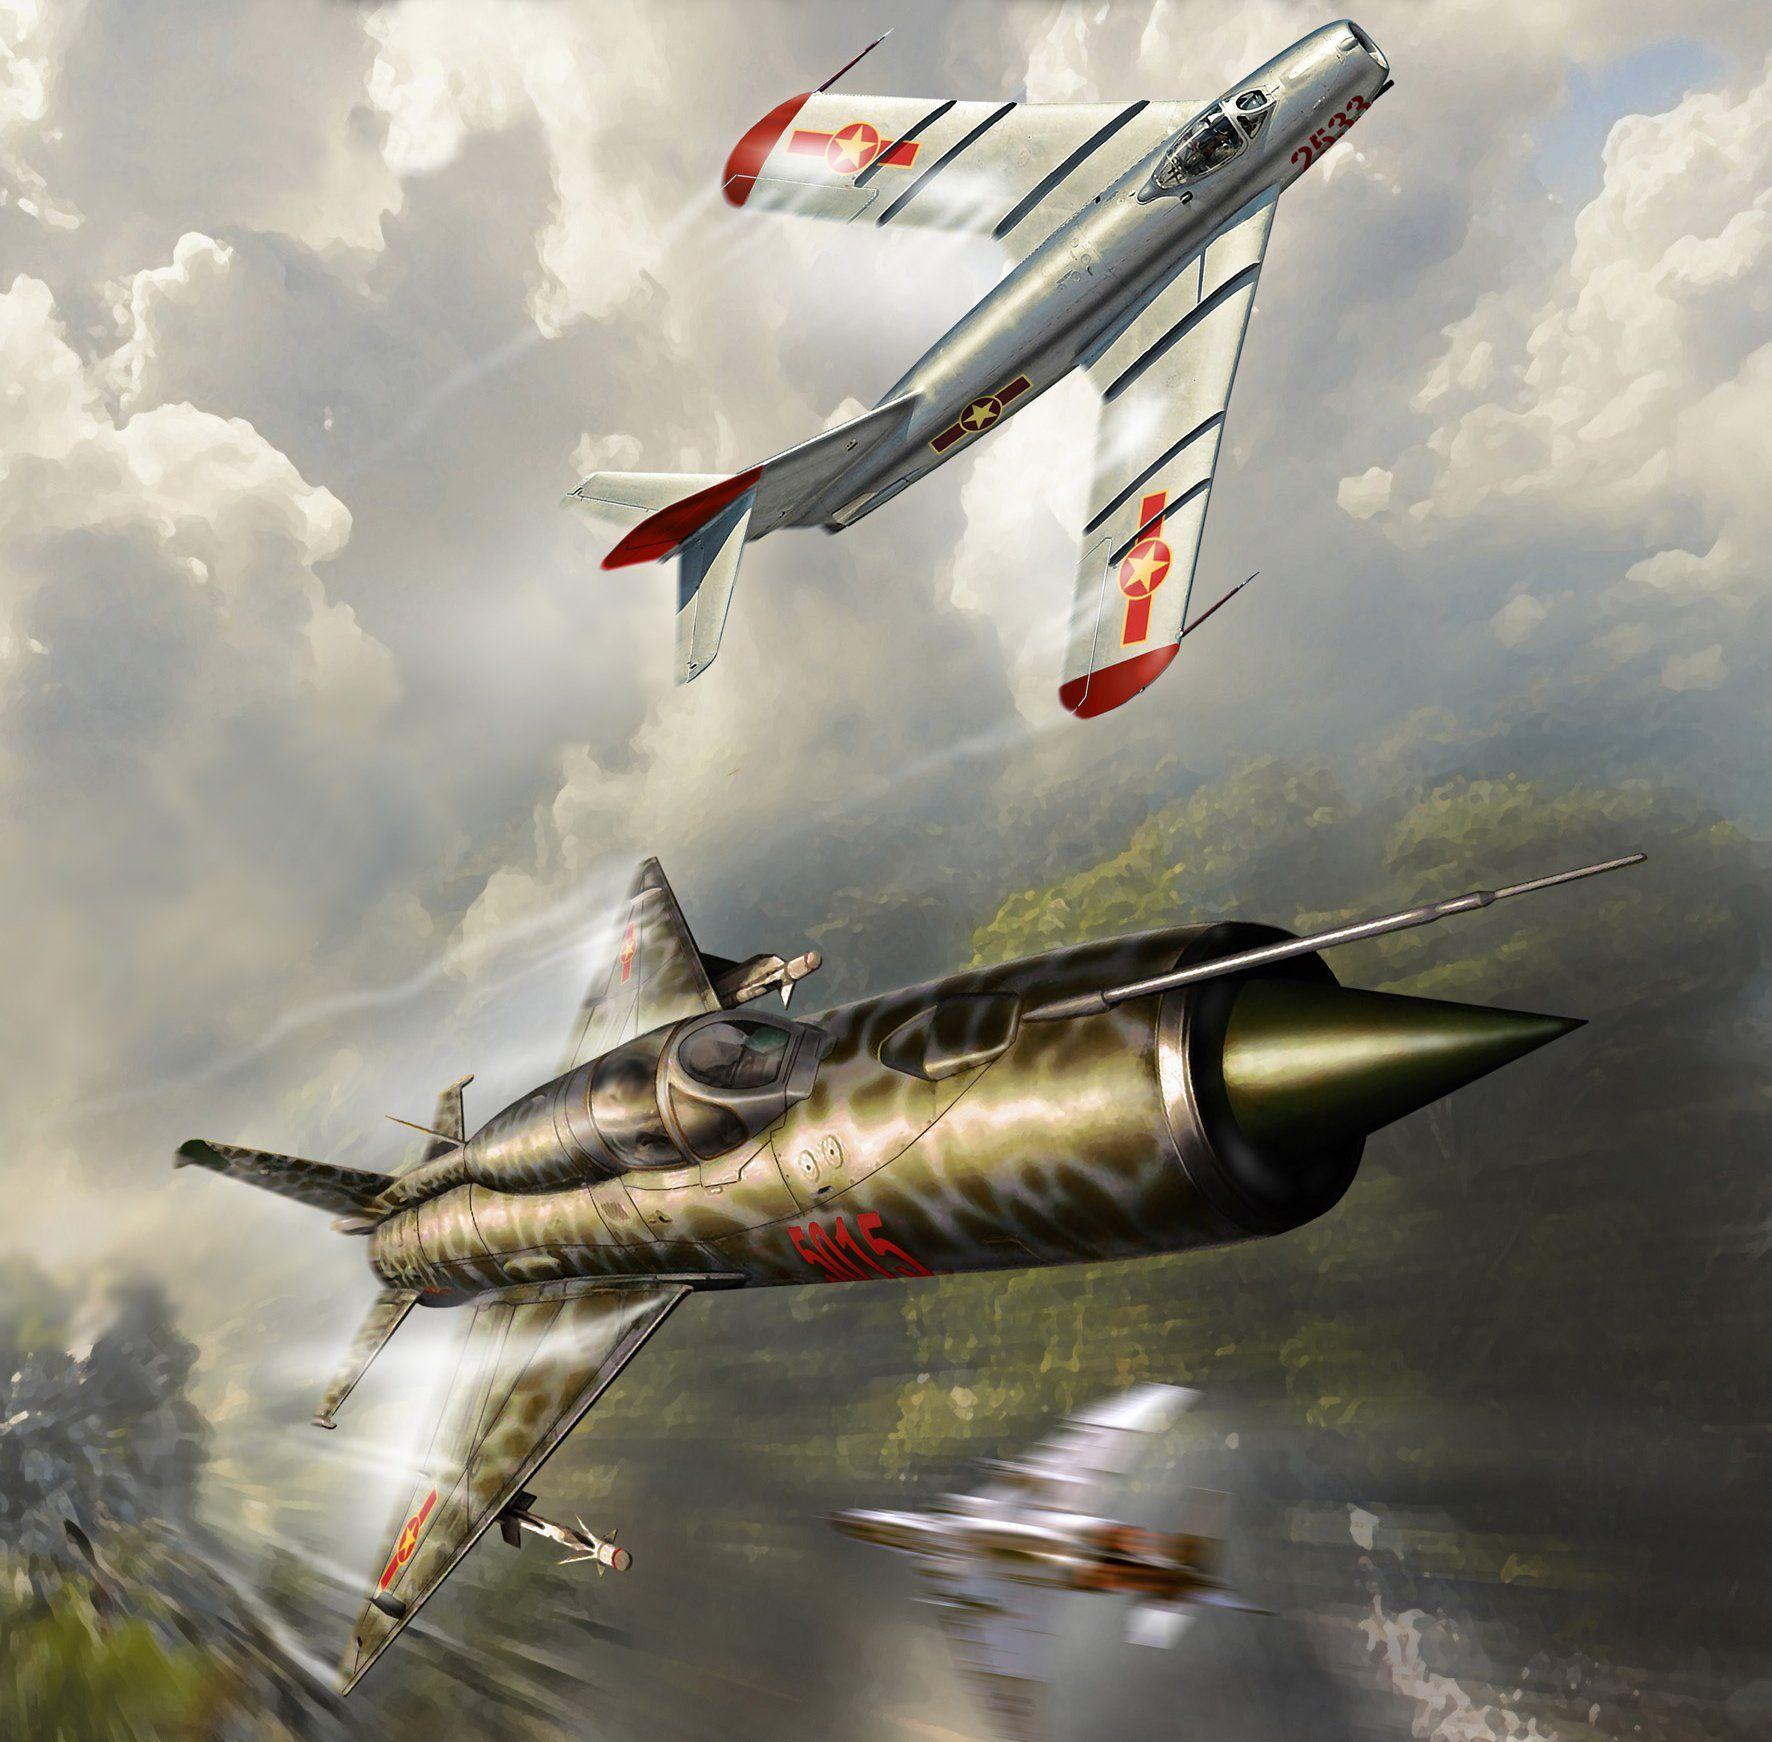 MiG-21 Fishbed & MiG-17 Fresco, Vietnam War (Peter Van